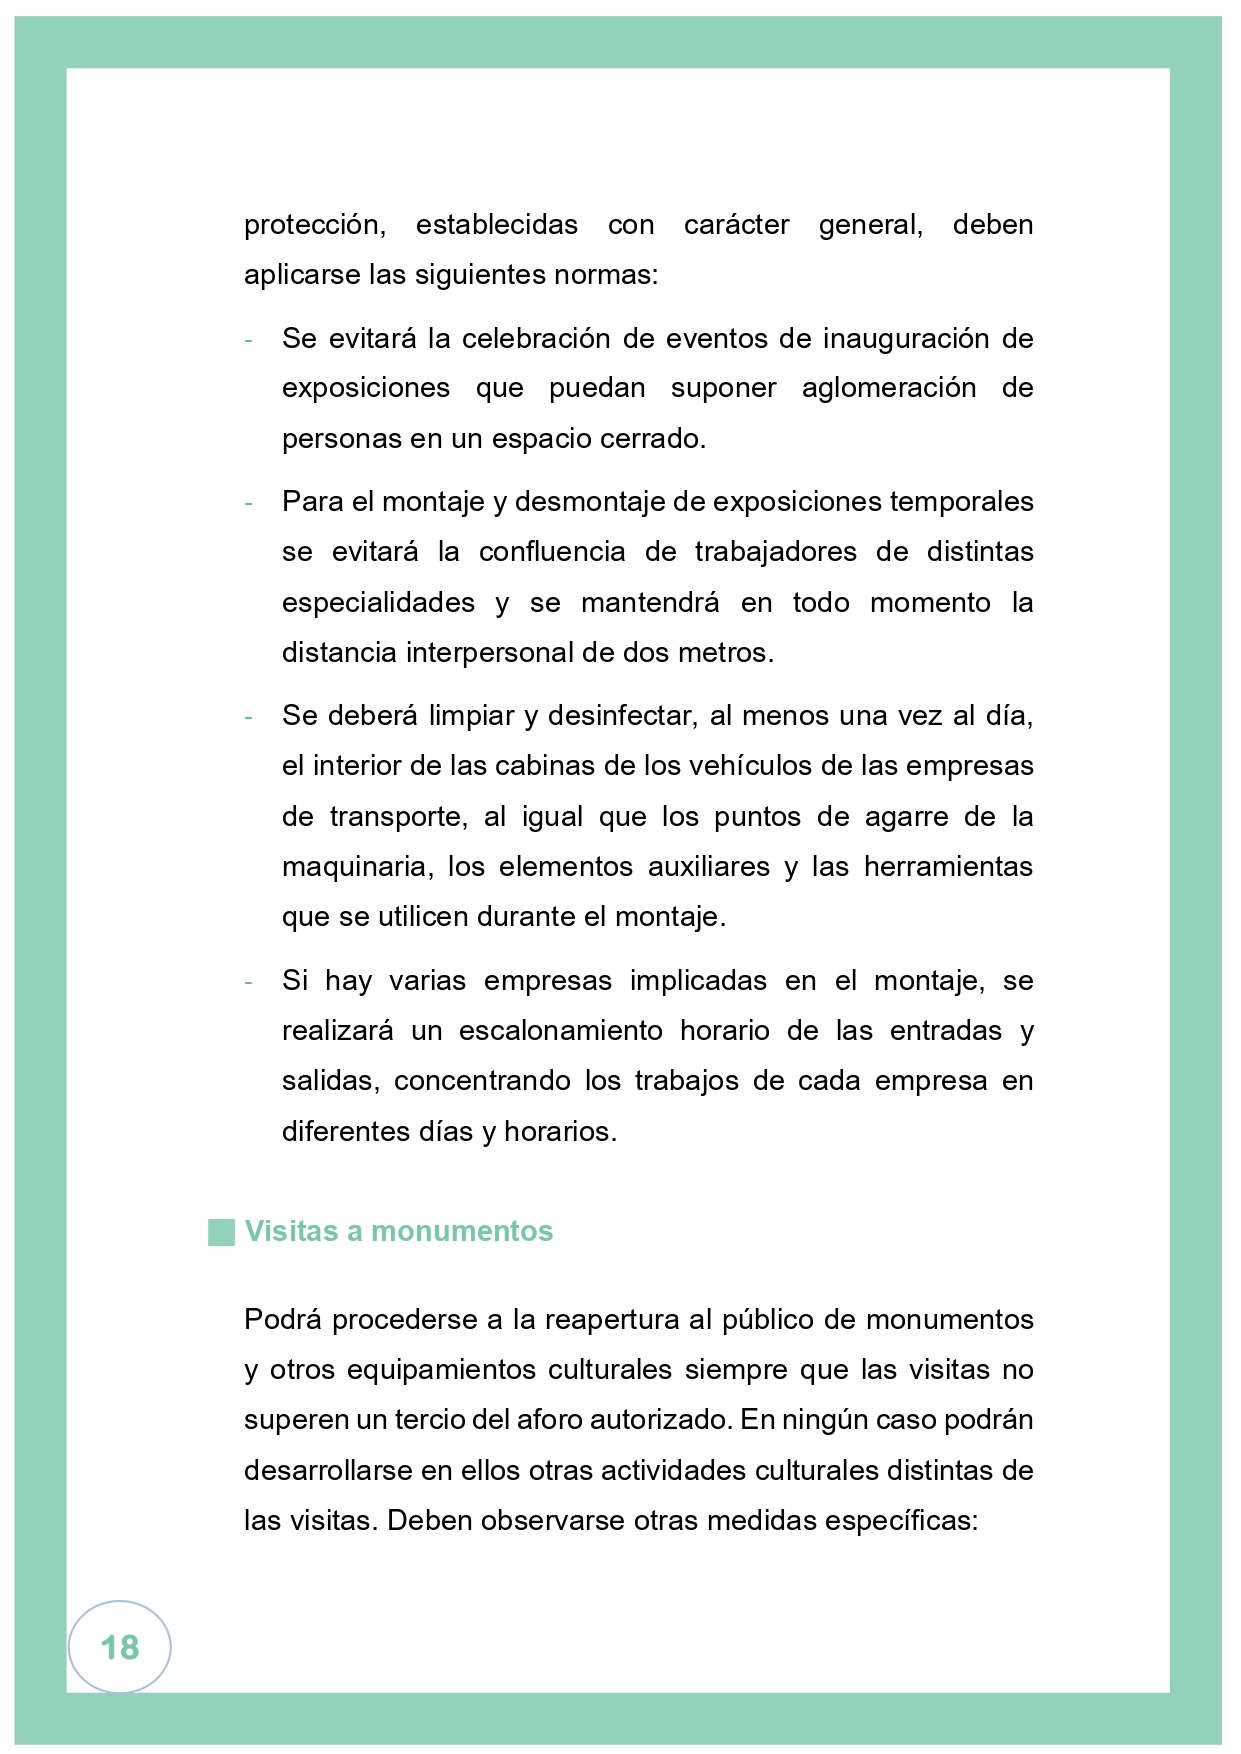 El gobierno oficializa que el Bierzo y Laciana pasan a la fase 2 el lunes 1 de junio 21